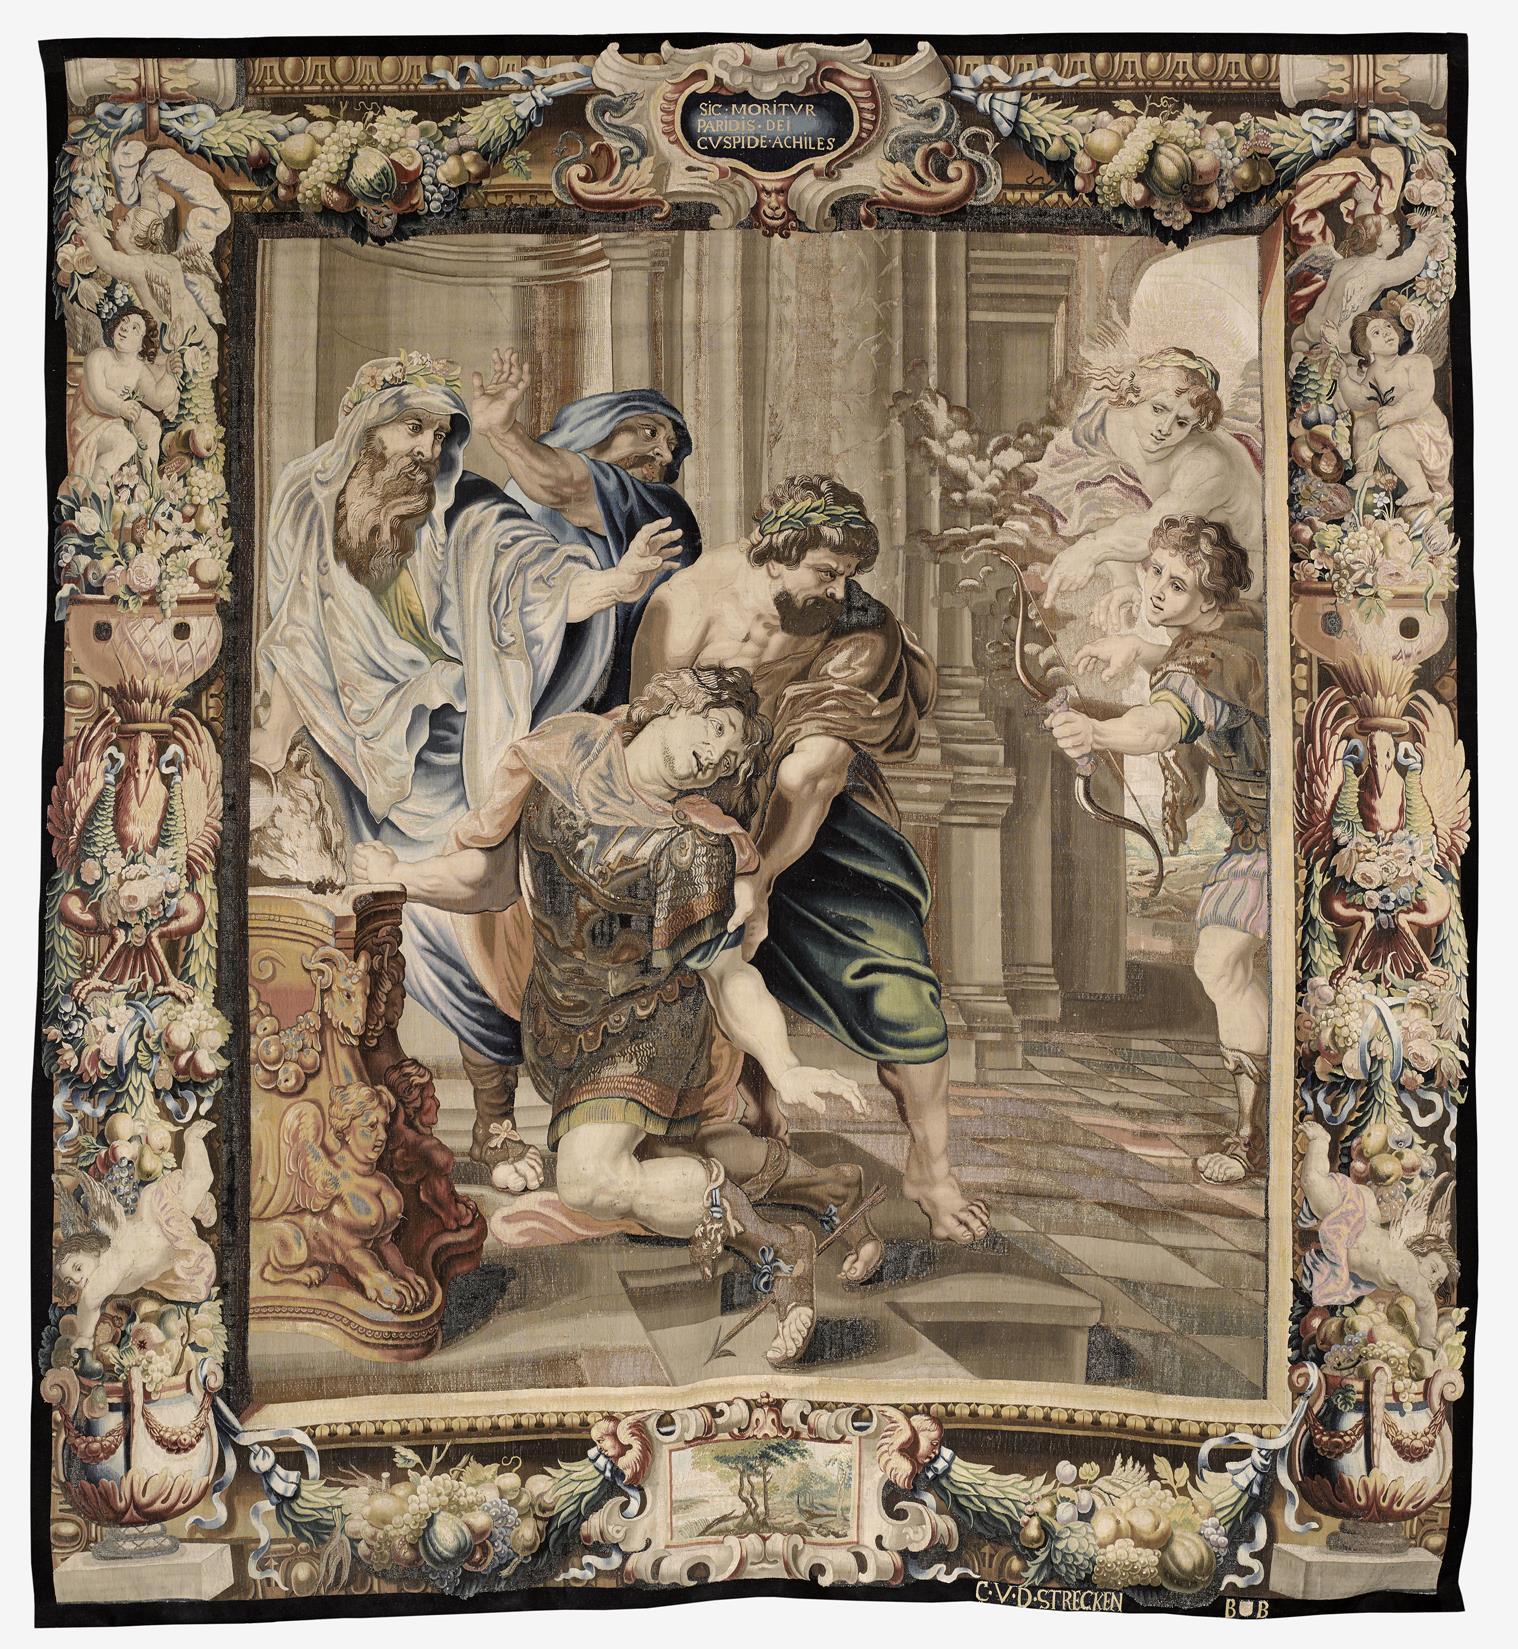 La muerte de Aquiles (2020) - Pedro Pablo Rubens